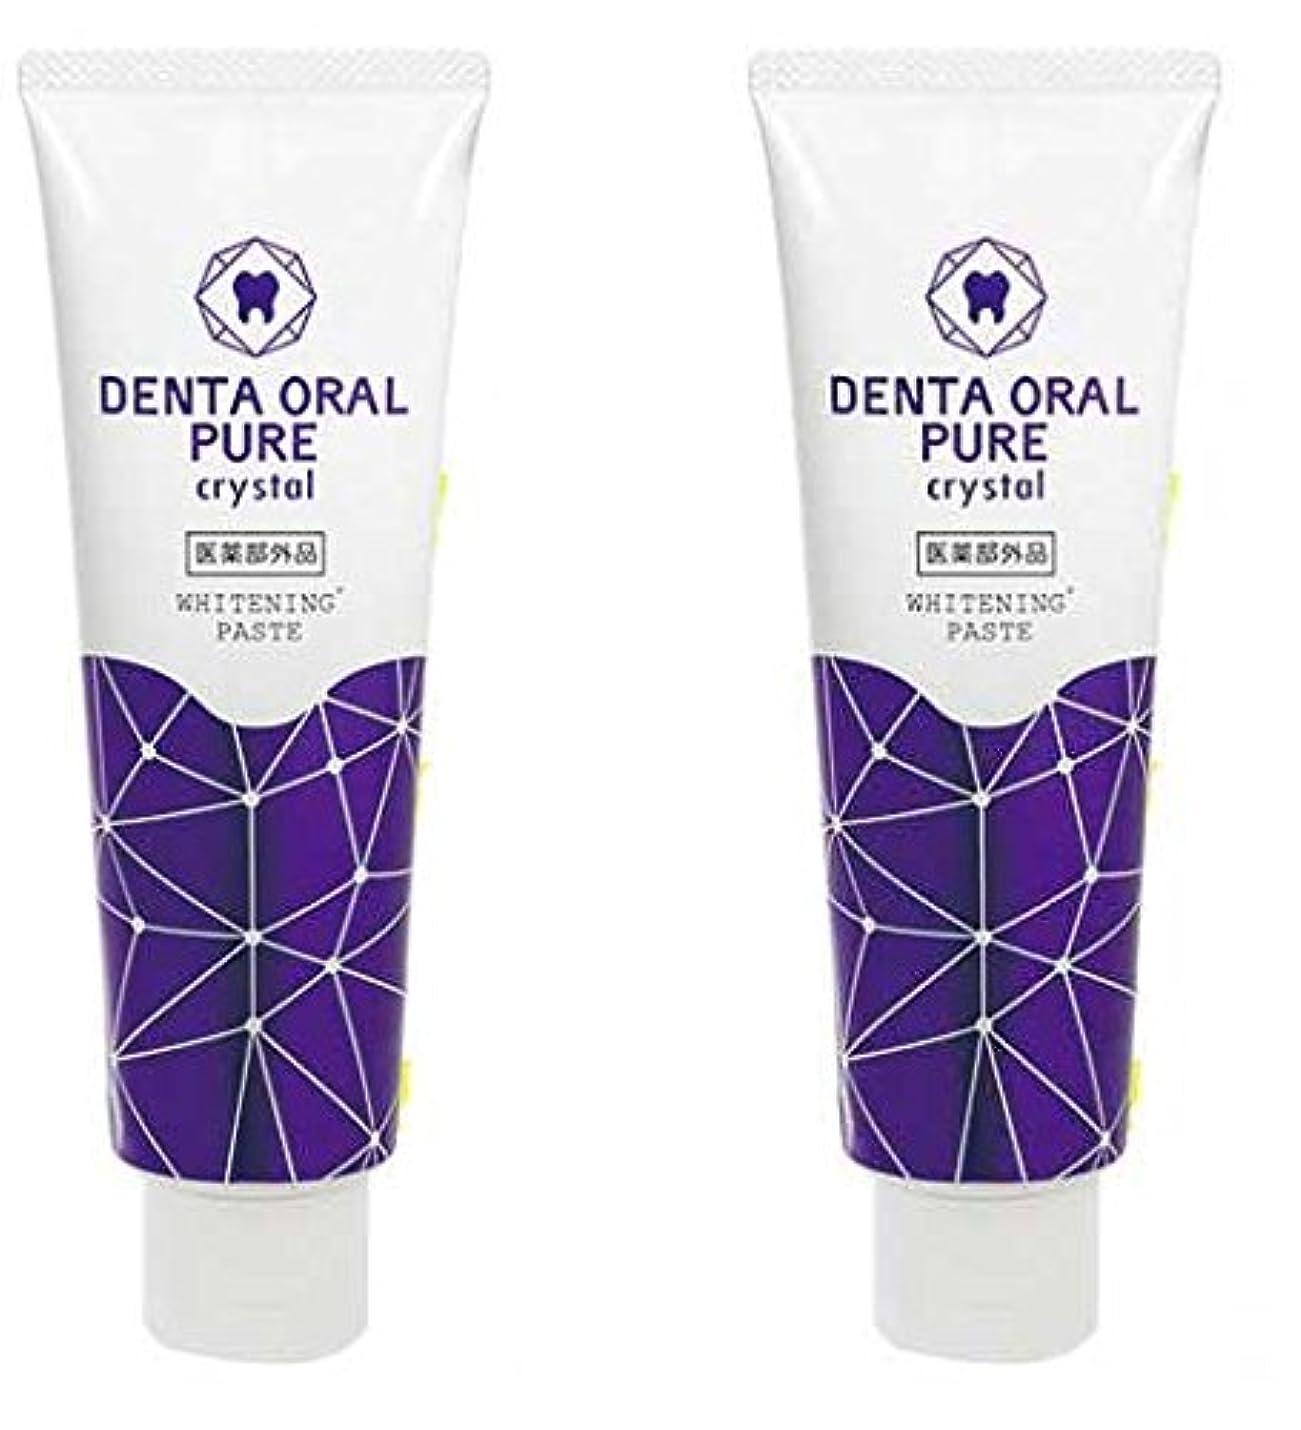 悩み笑いなんでもホワイトニング歯磨き粉 デンタオーラルピュア クリスタル 2個セット 医薬部外品